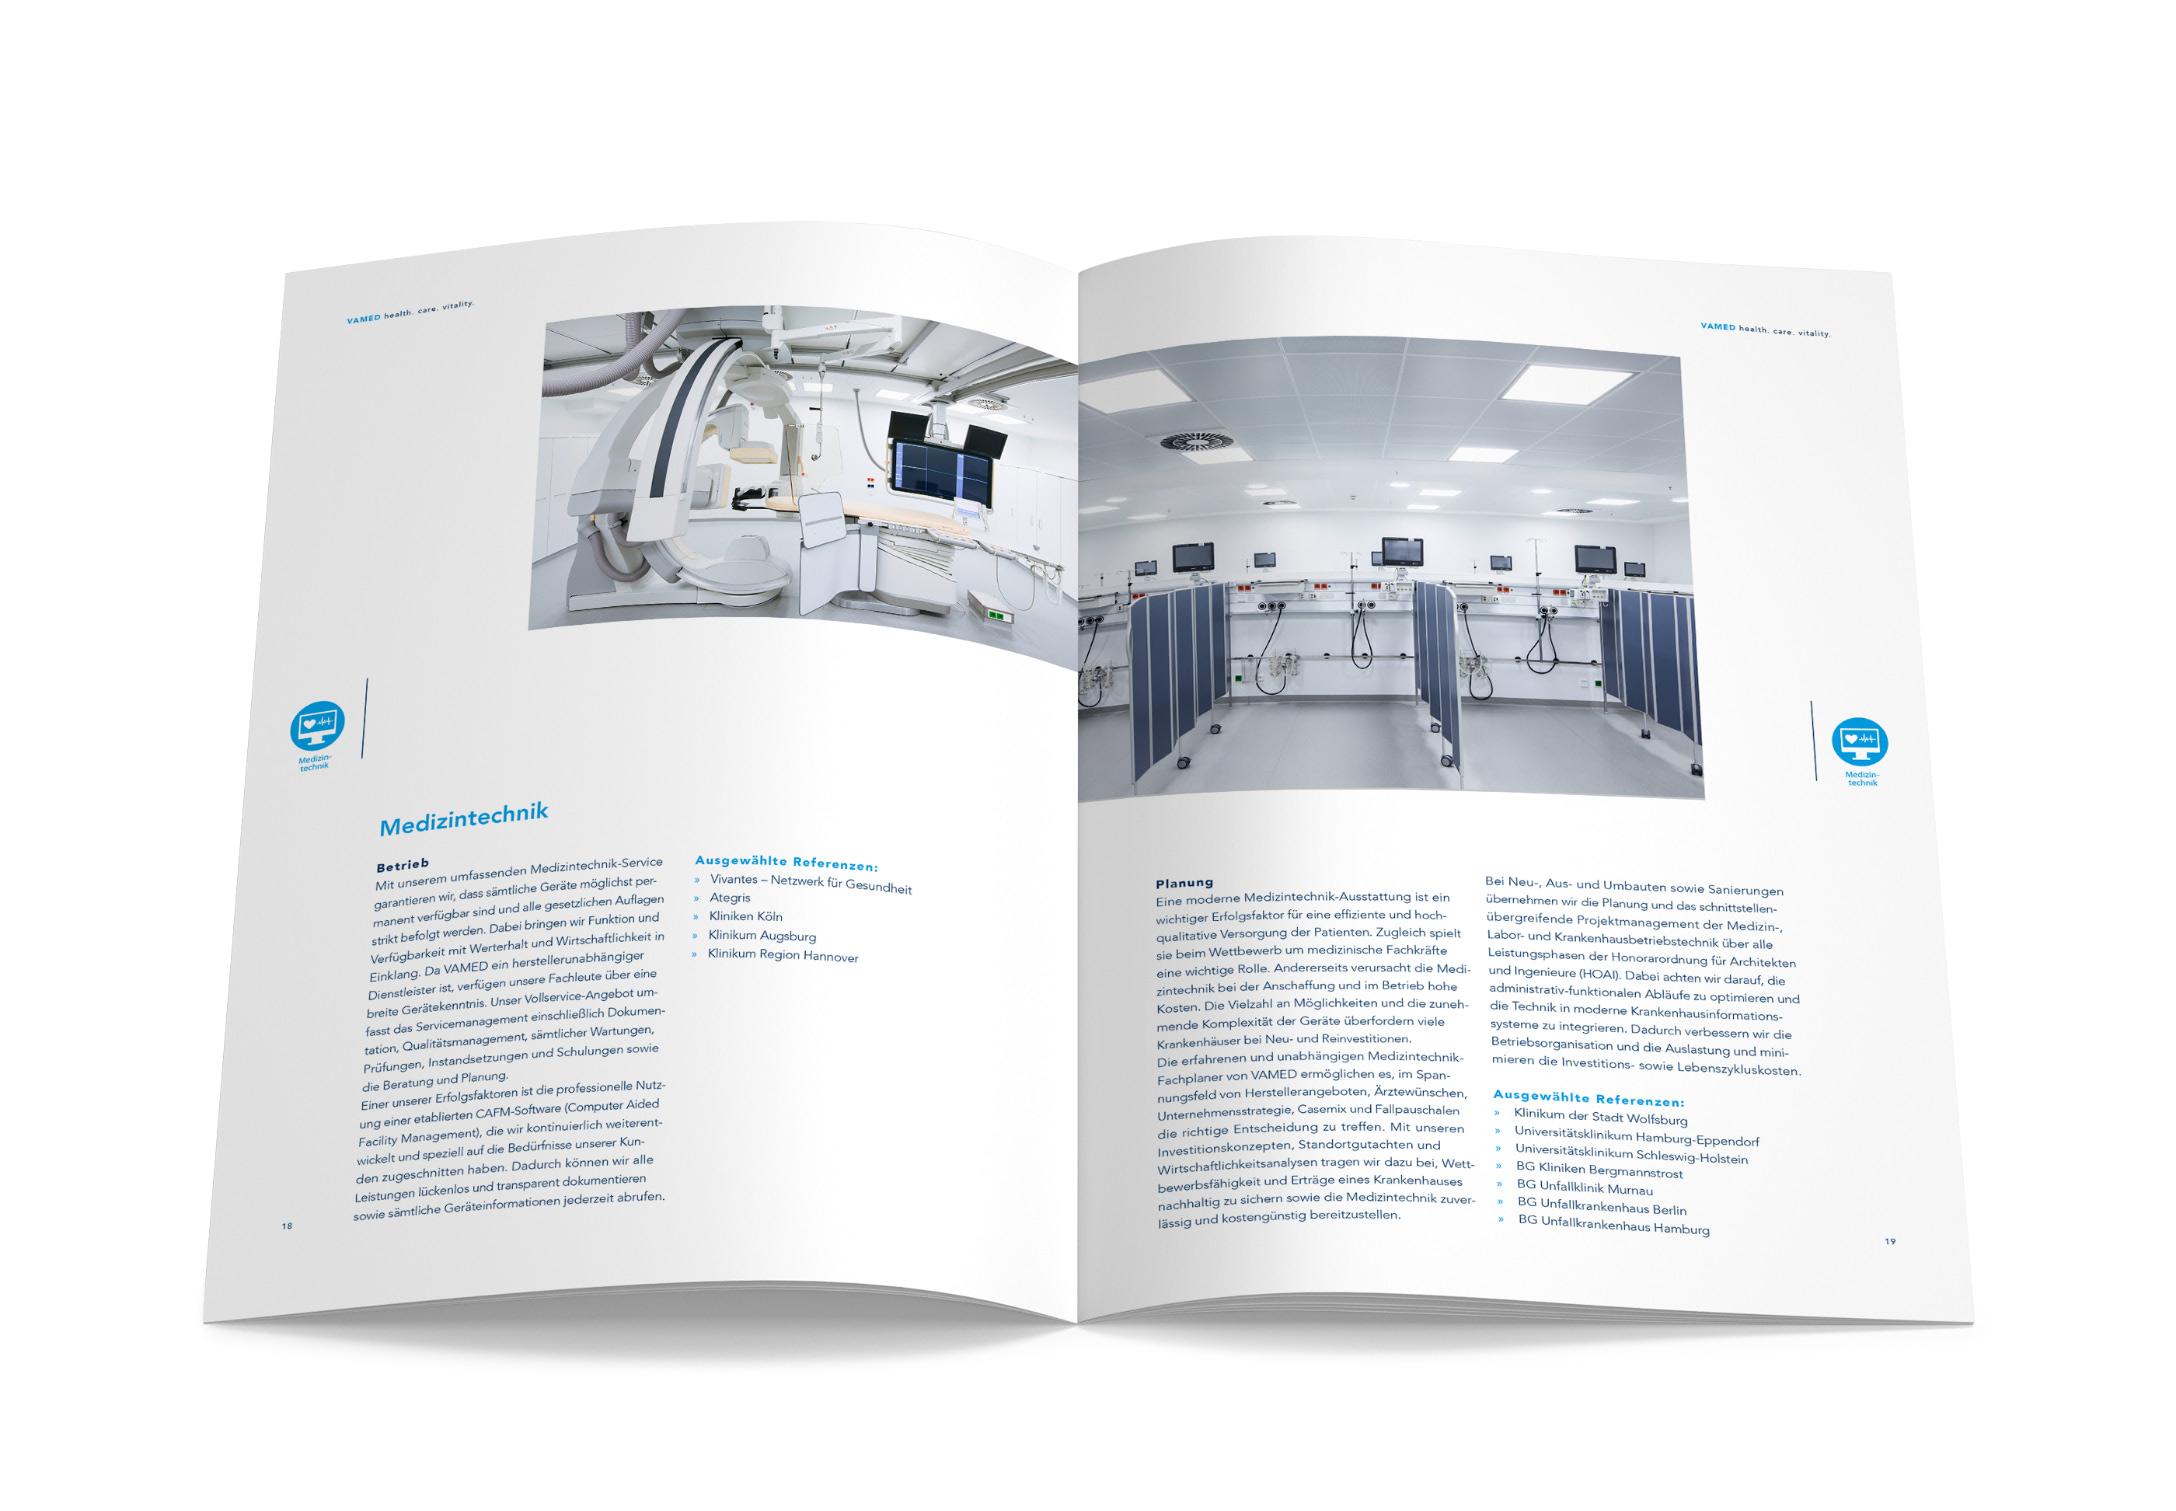 Doppelseite der neuen Imagebroschüre der VAMED, gestaltet von der Healthcare Werbeagentur mcs